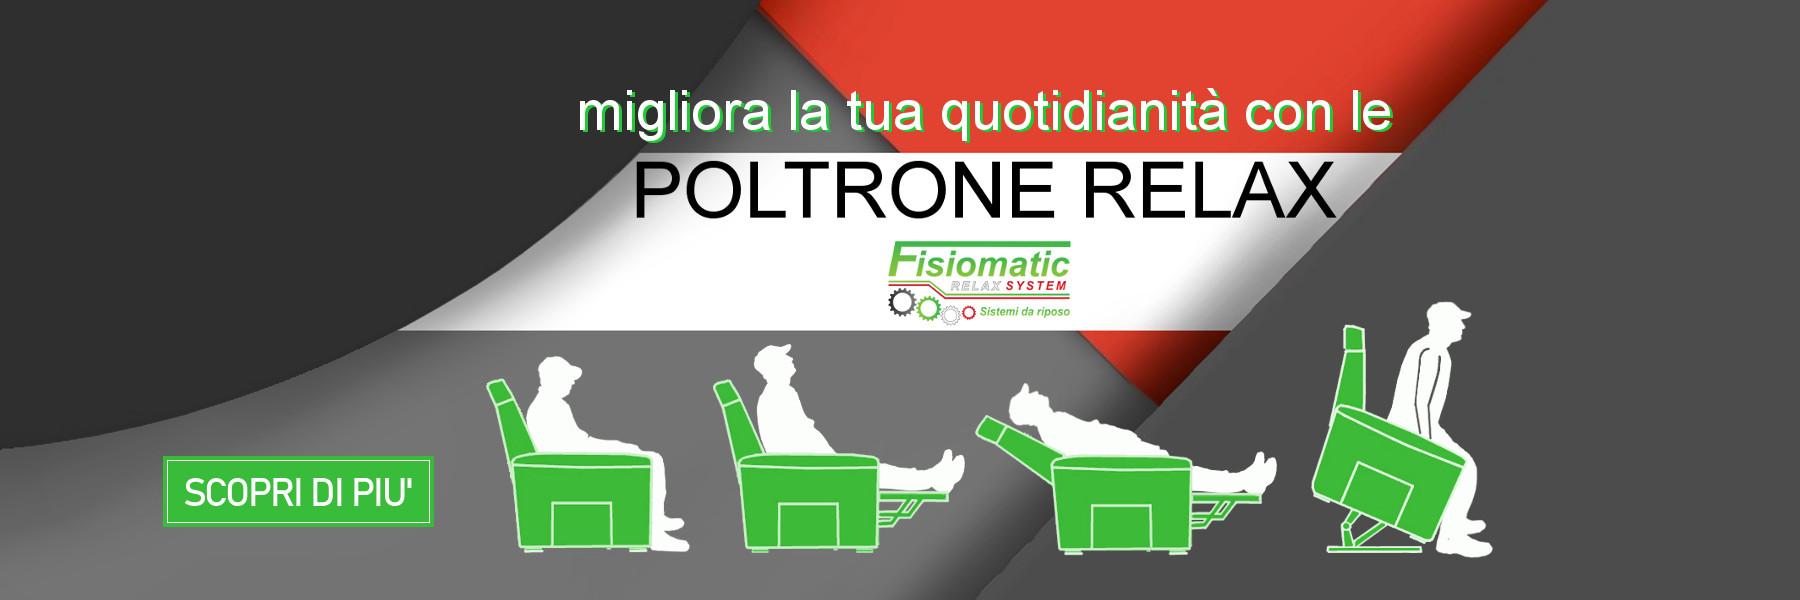 Slide-migliora-la-tua-quotidianità-con-le-poltrone-relax-del-marchio-Fisiomatic-Relax-System